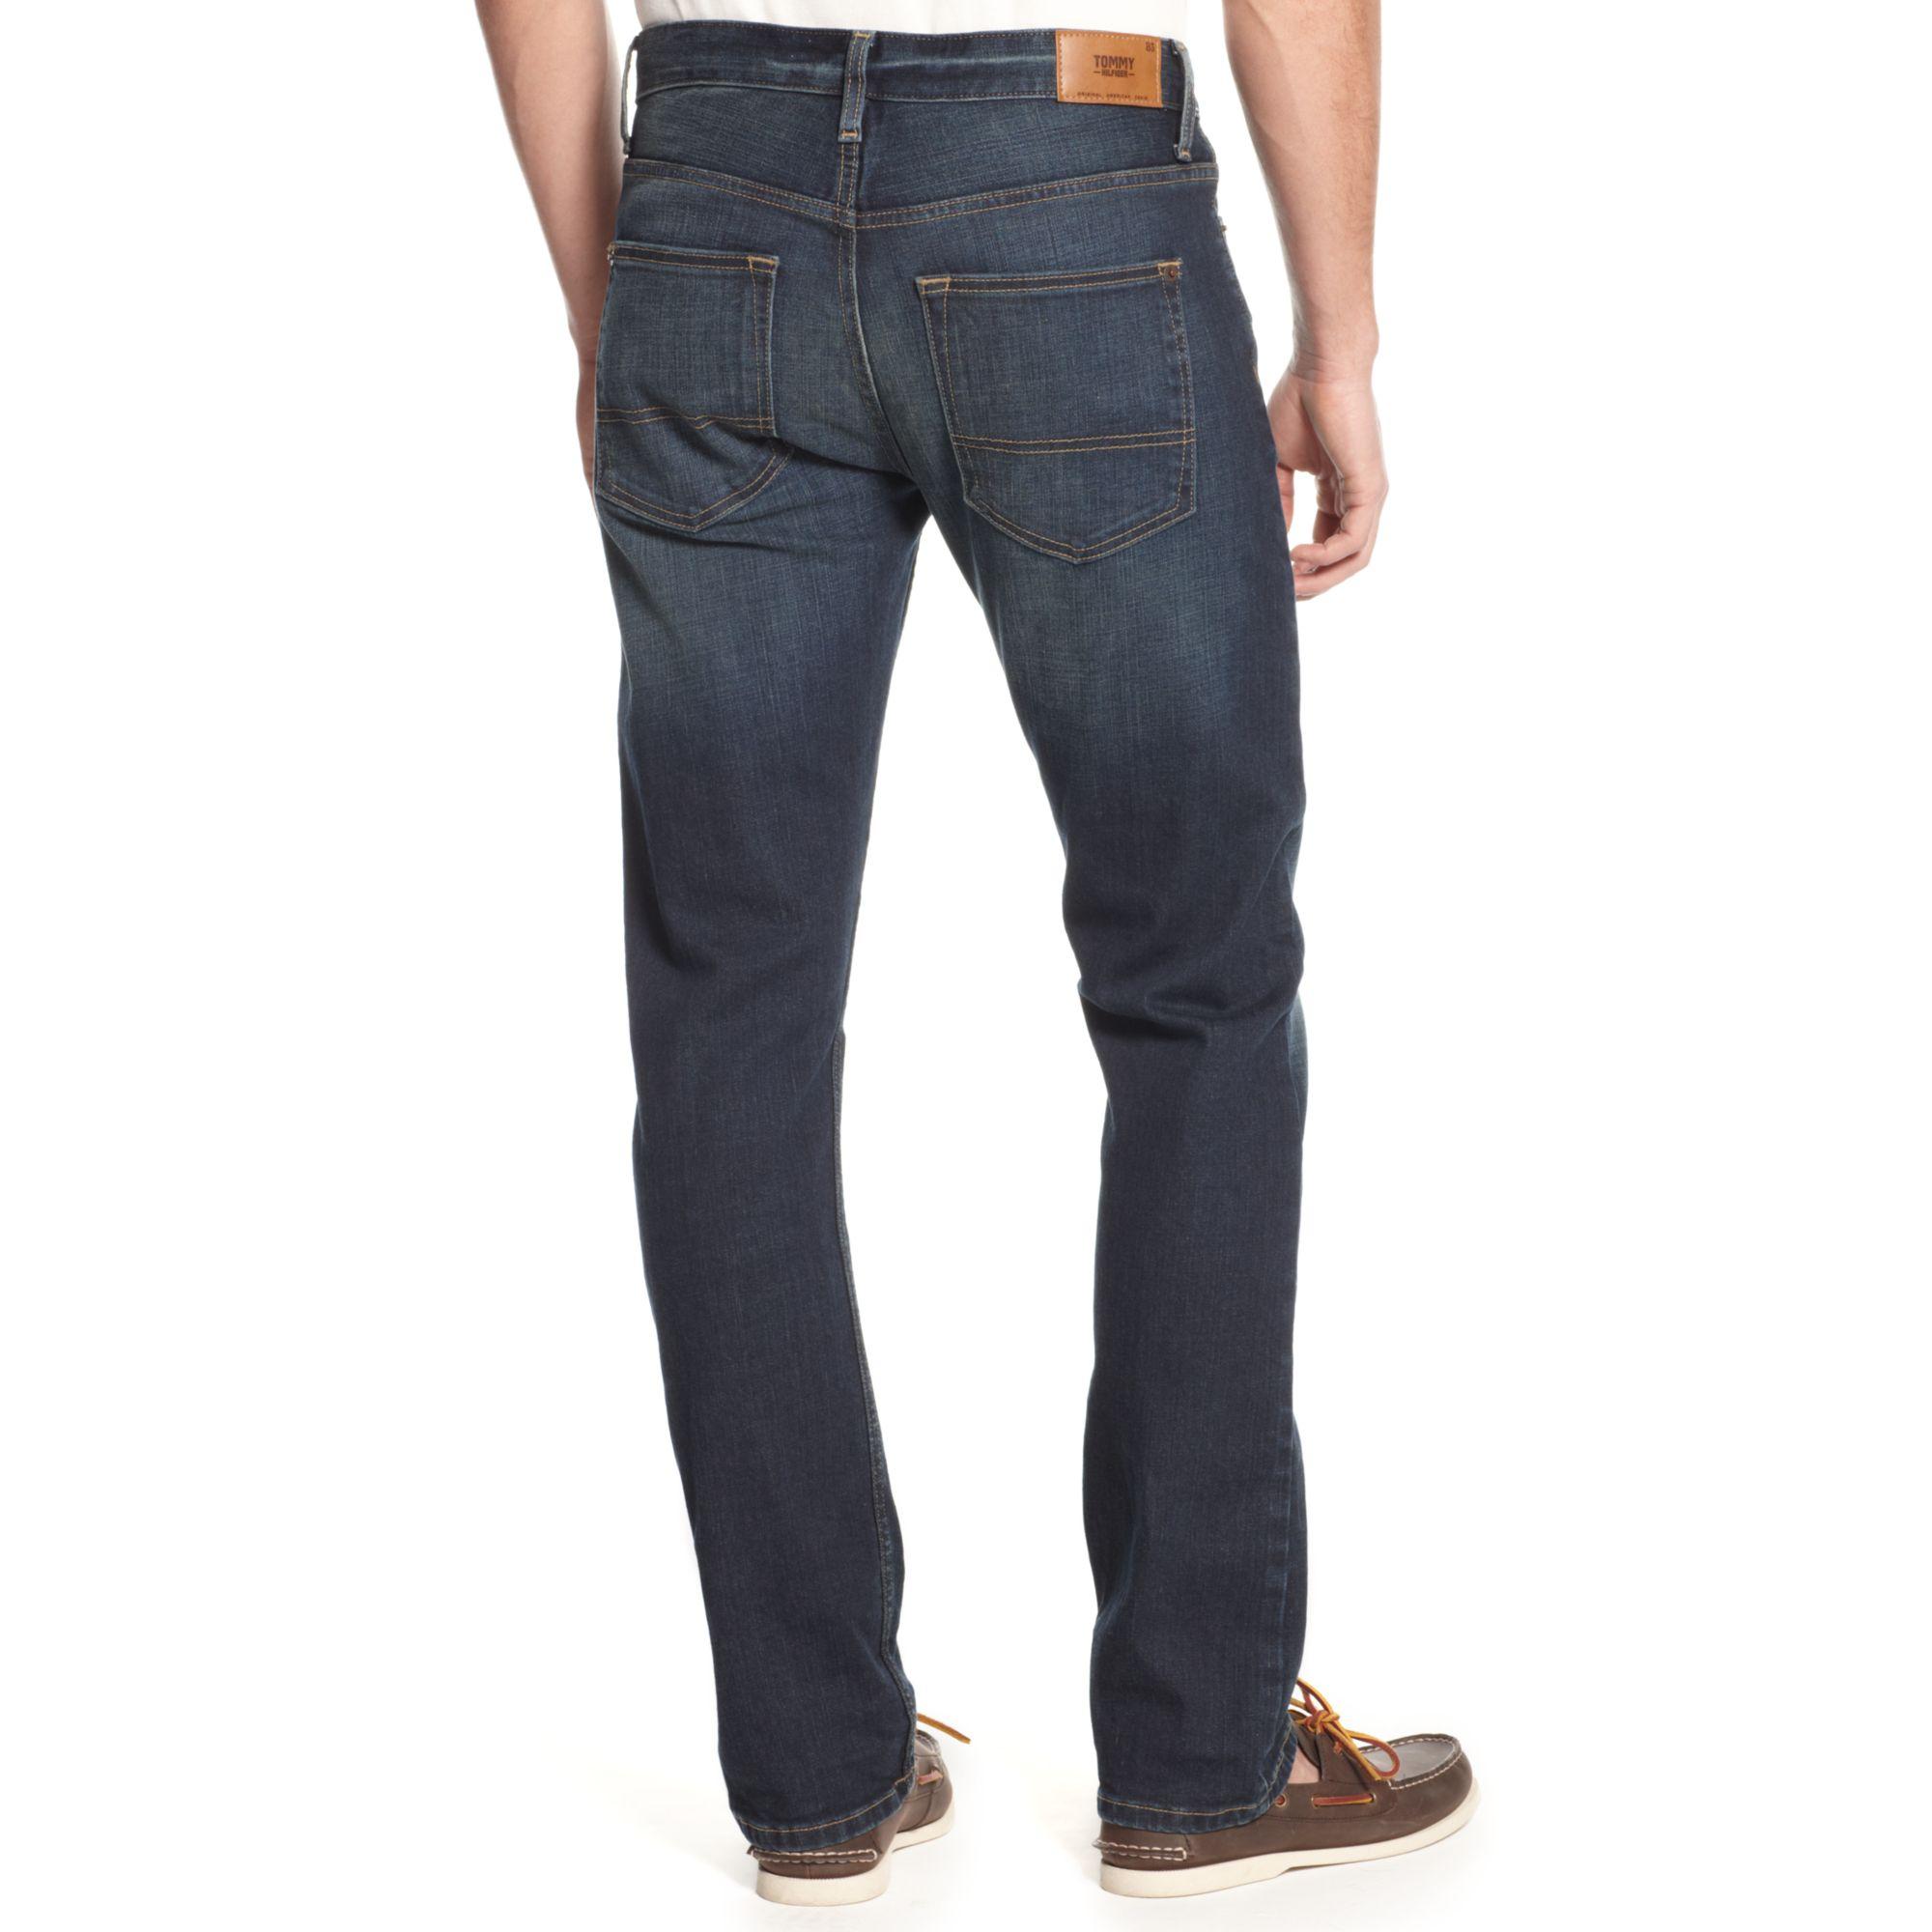 tommy hilfiger bacara rebel slim fit jeans in blue for men lyst. Black Bedroom Furniture Sets. Home Design Ideas